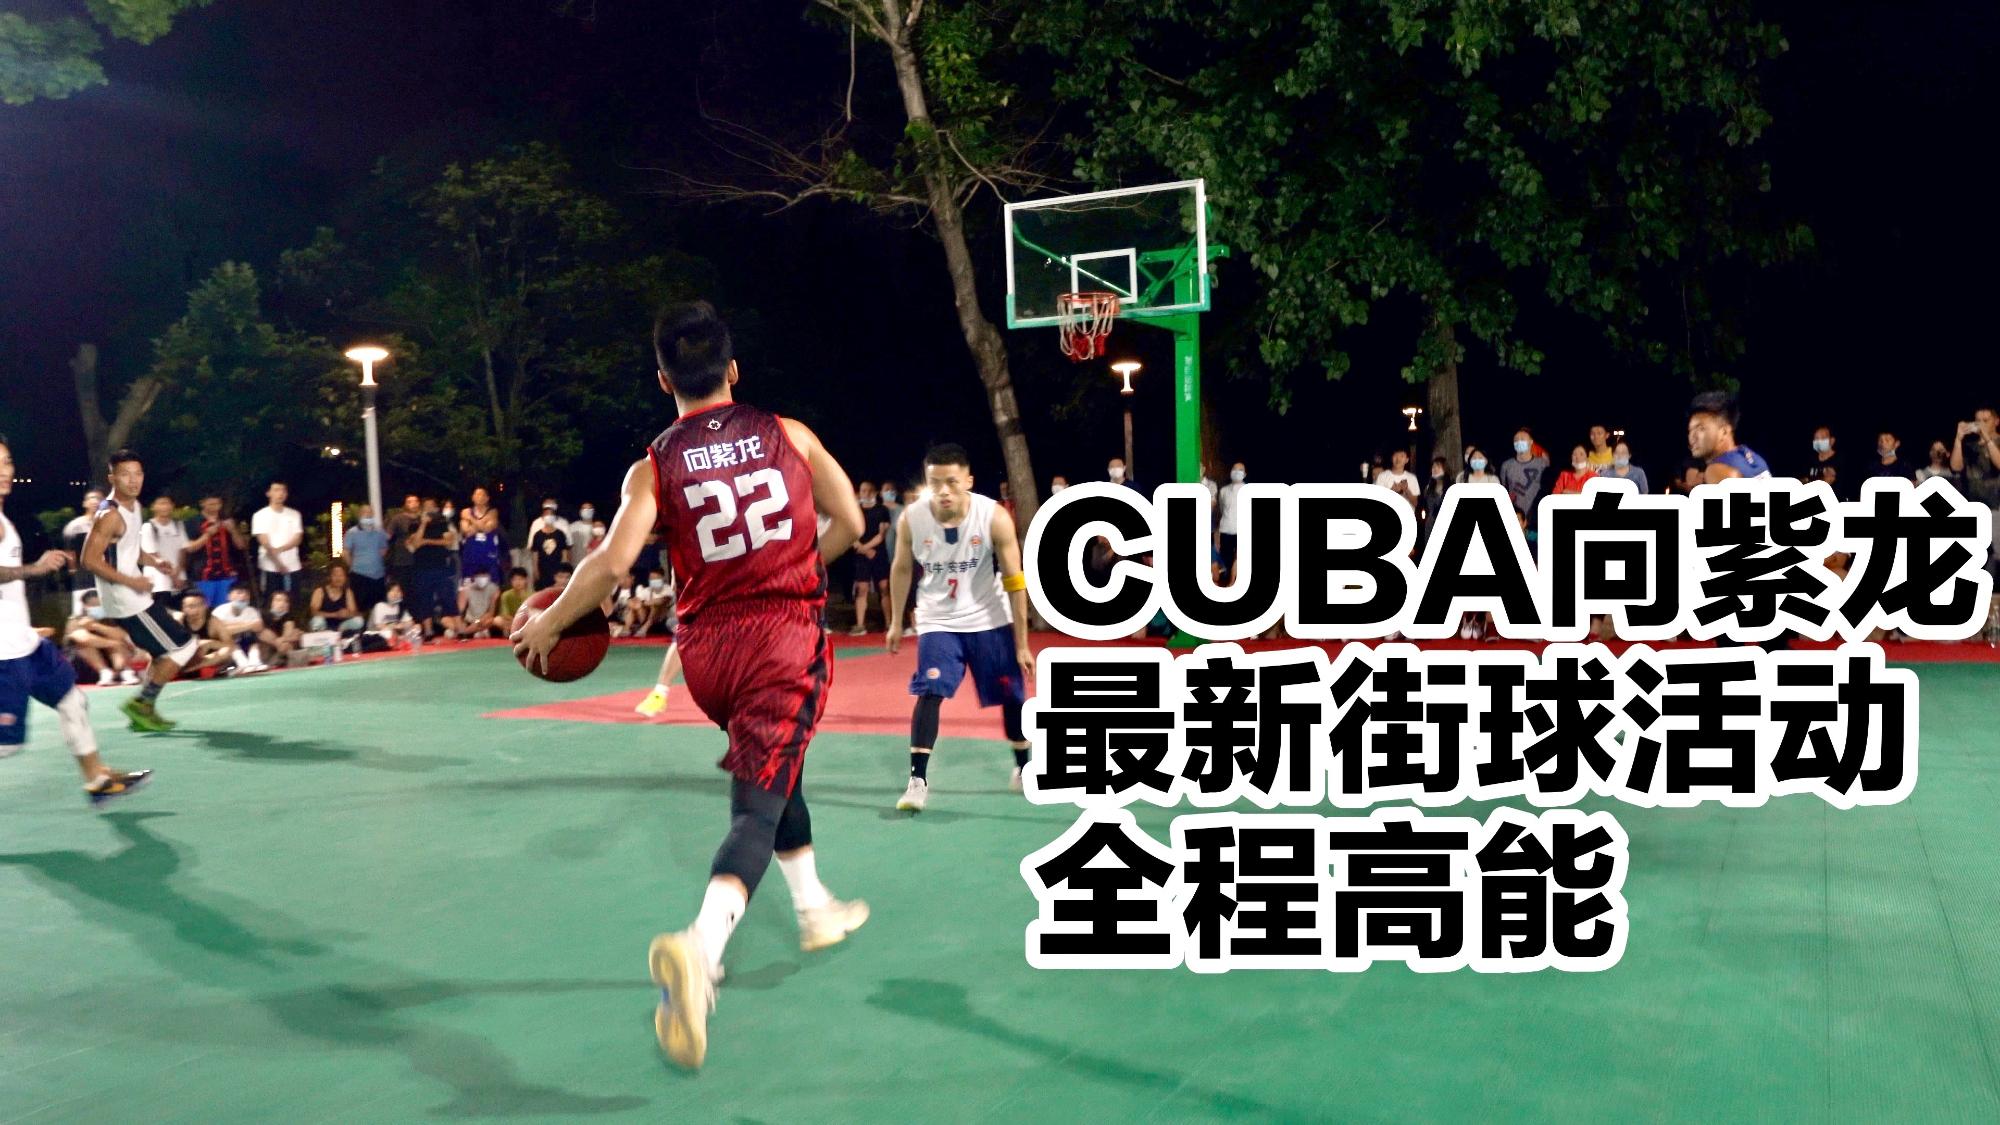 CUBA向紫龙参加宜昌最火爆街球活动,高手云集全程高能!